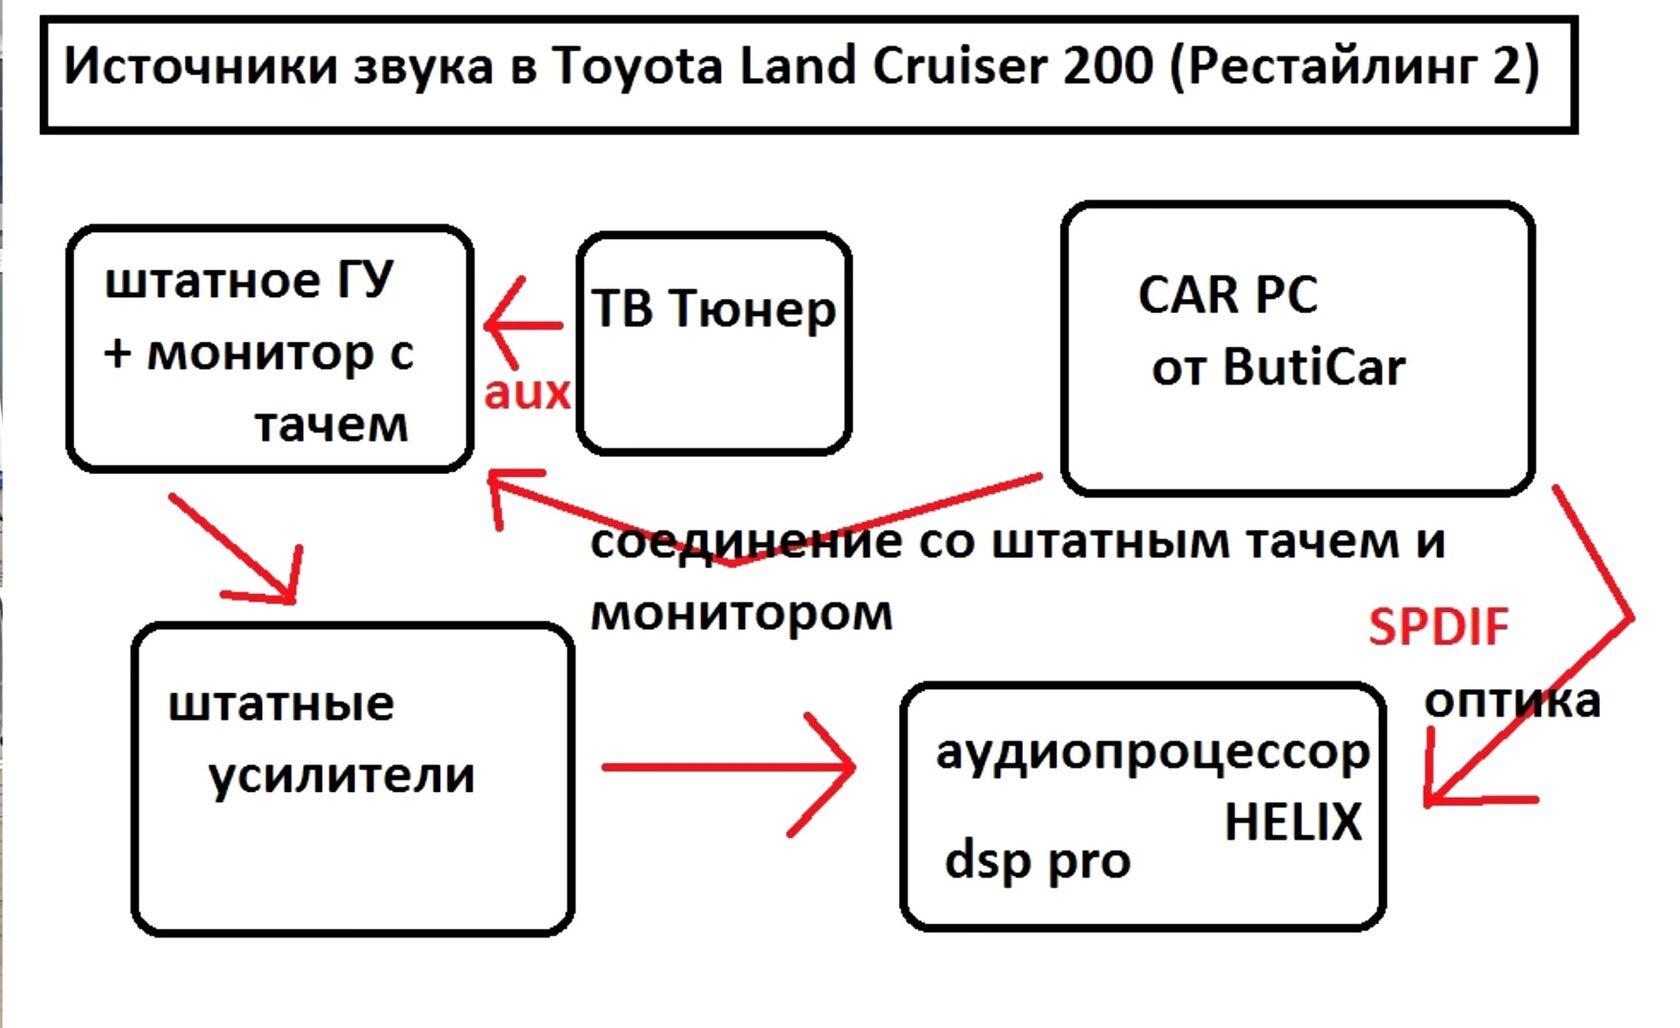 схема альтернативных магнитол в тойота ленд круйзер 200